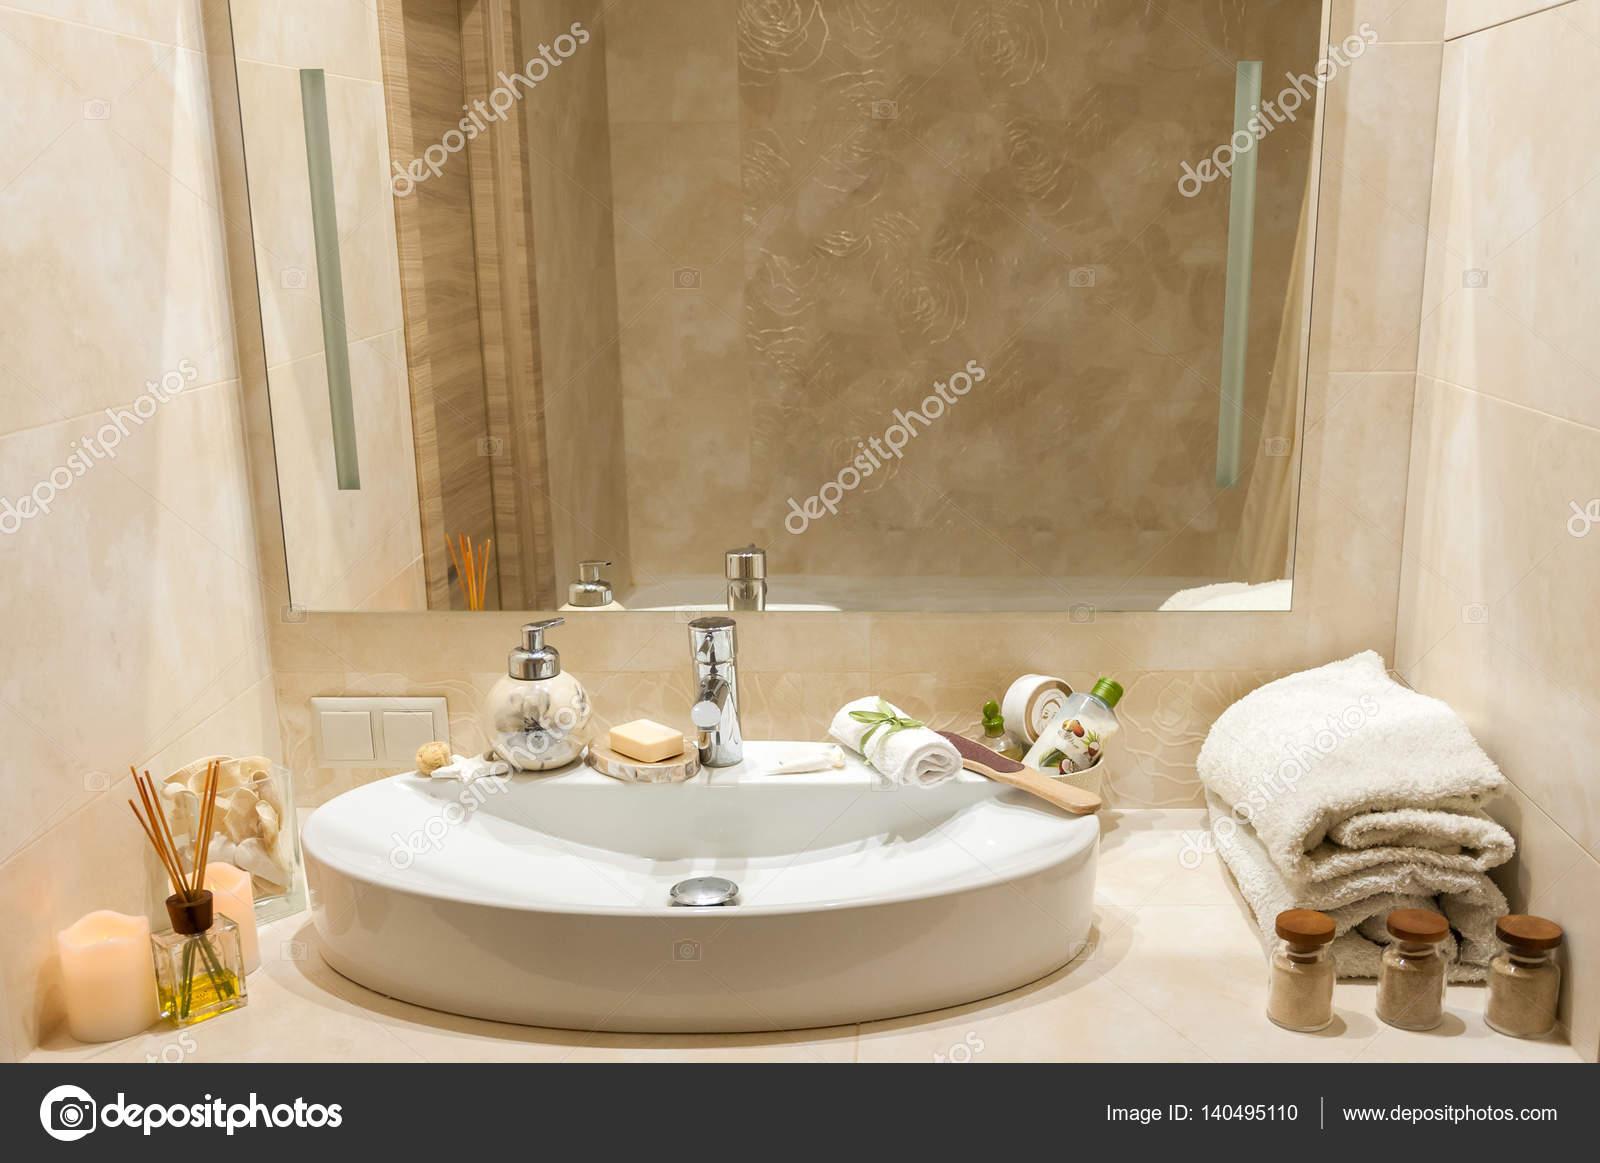 Badezimmer Einrichtung Mit Zusammensetzung Des Spa Behandlung Mit  Handtüchern, Kerzen Und Anderes Zubehör. Weißes Porzellan Waschbecken In  Luxus Badezimmer ...